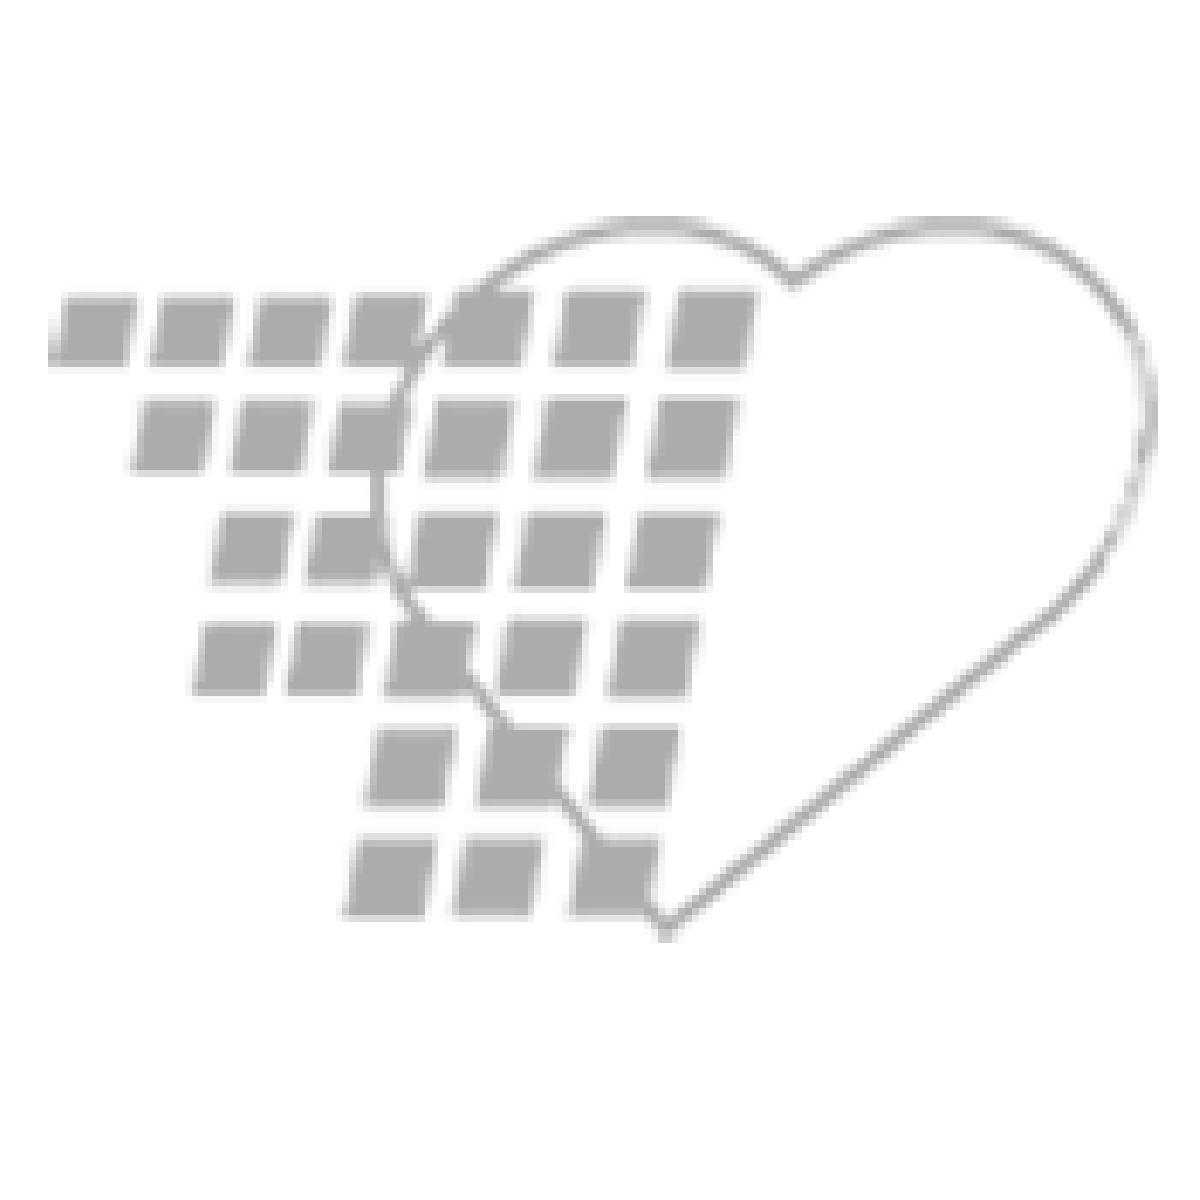 07-71-5047 Tactical Medical Module Cricothyrotomy (TMM-CR)